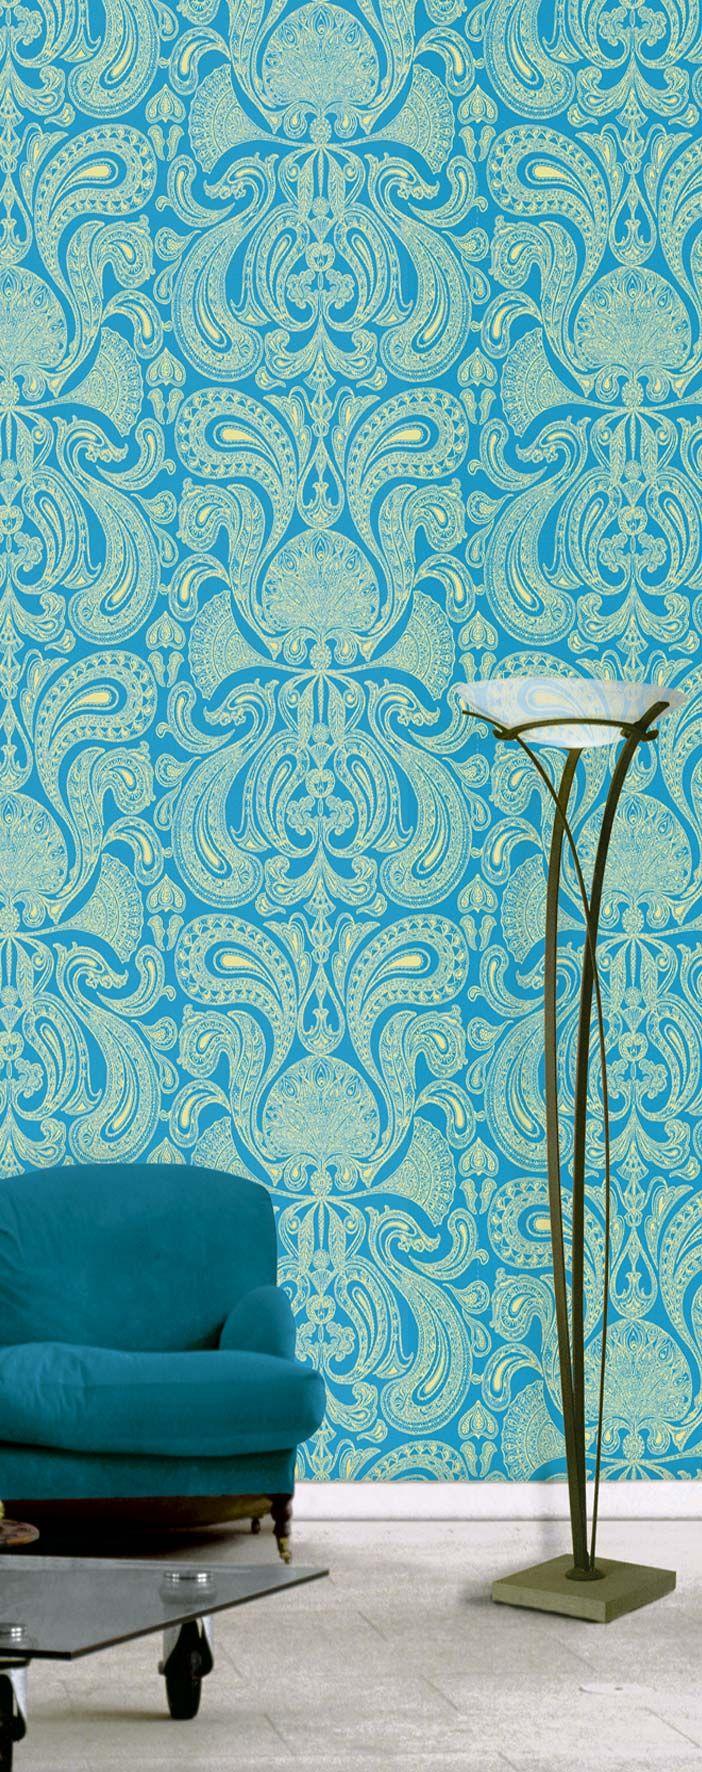 MALABAR Wallpaper online, Wallpaper, Wallpaper uk